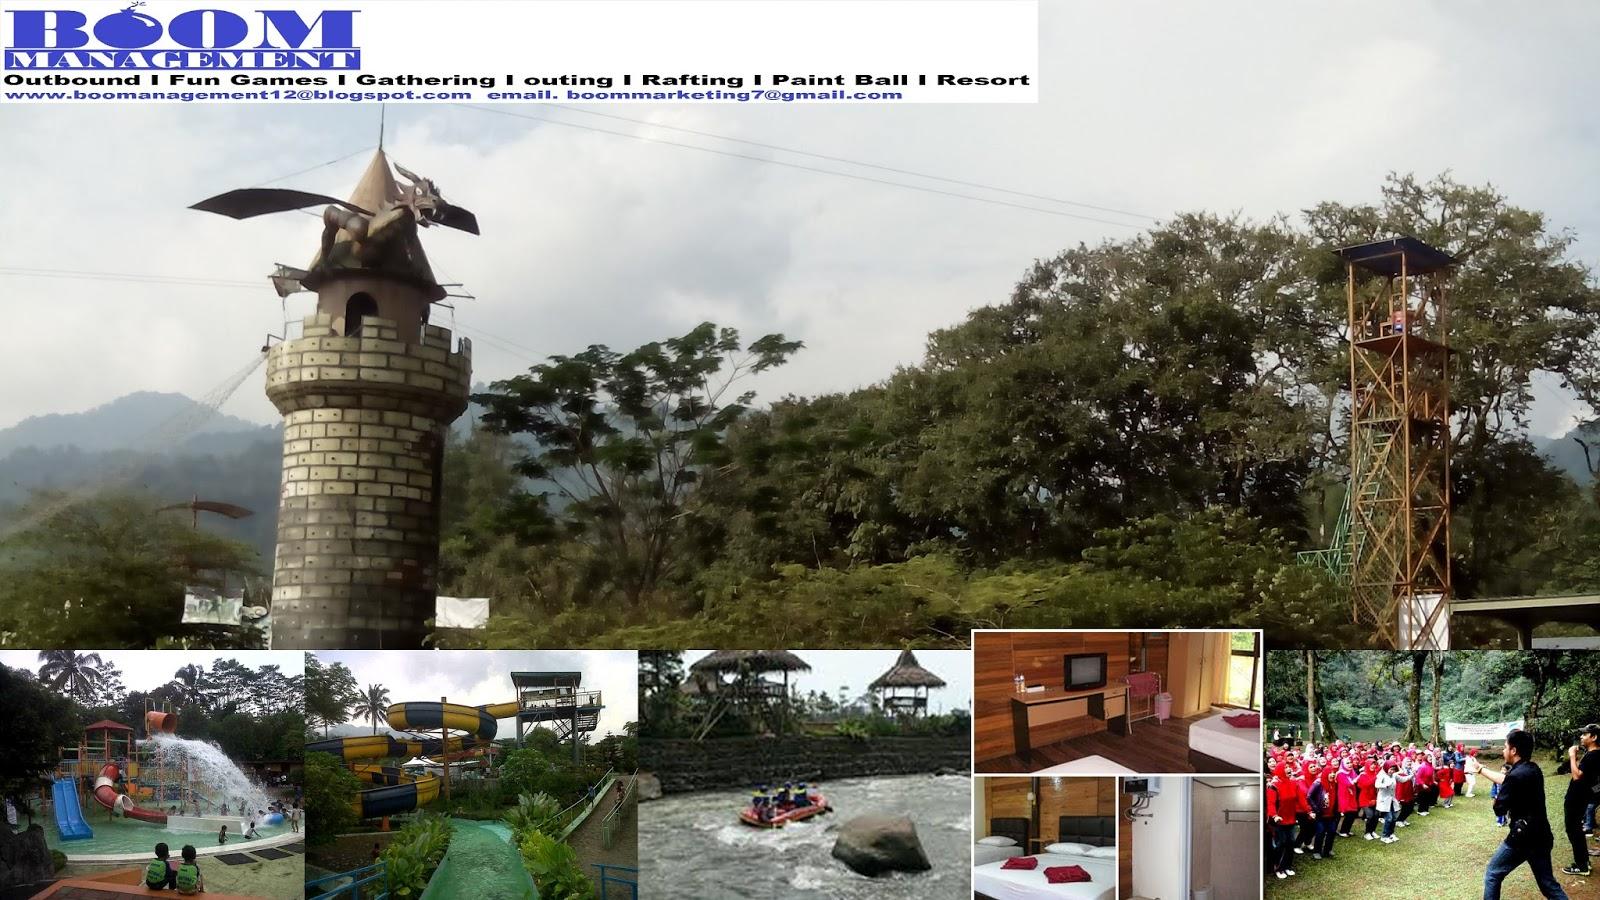 TAMAN WISATA MATAHARI Terletak Di Kawasan Puncak Cisarua Bogor Yang Luasnya Kurang Lebih 45 H Ini Lah Tempat Wisata Paling Murah Dan Terjangkau Untuk